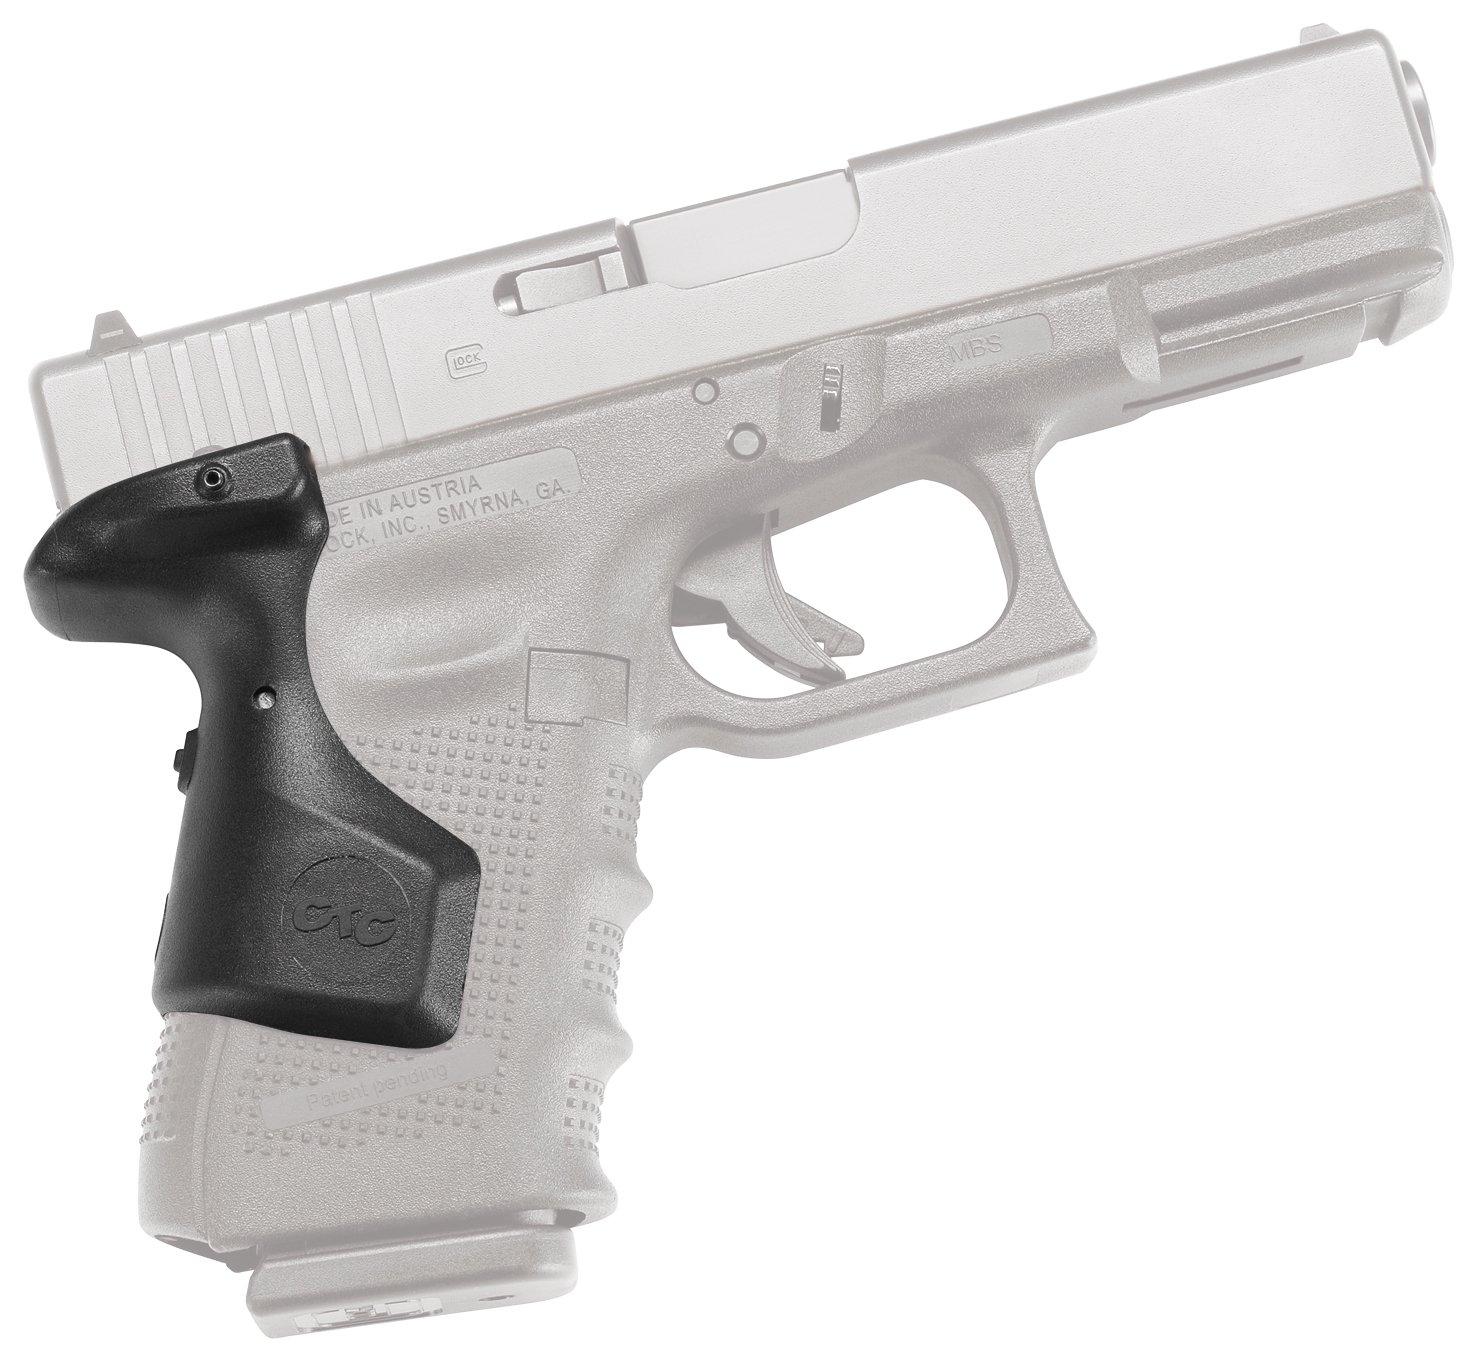 crimson trace laser sight for Glock grip laser